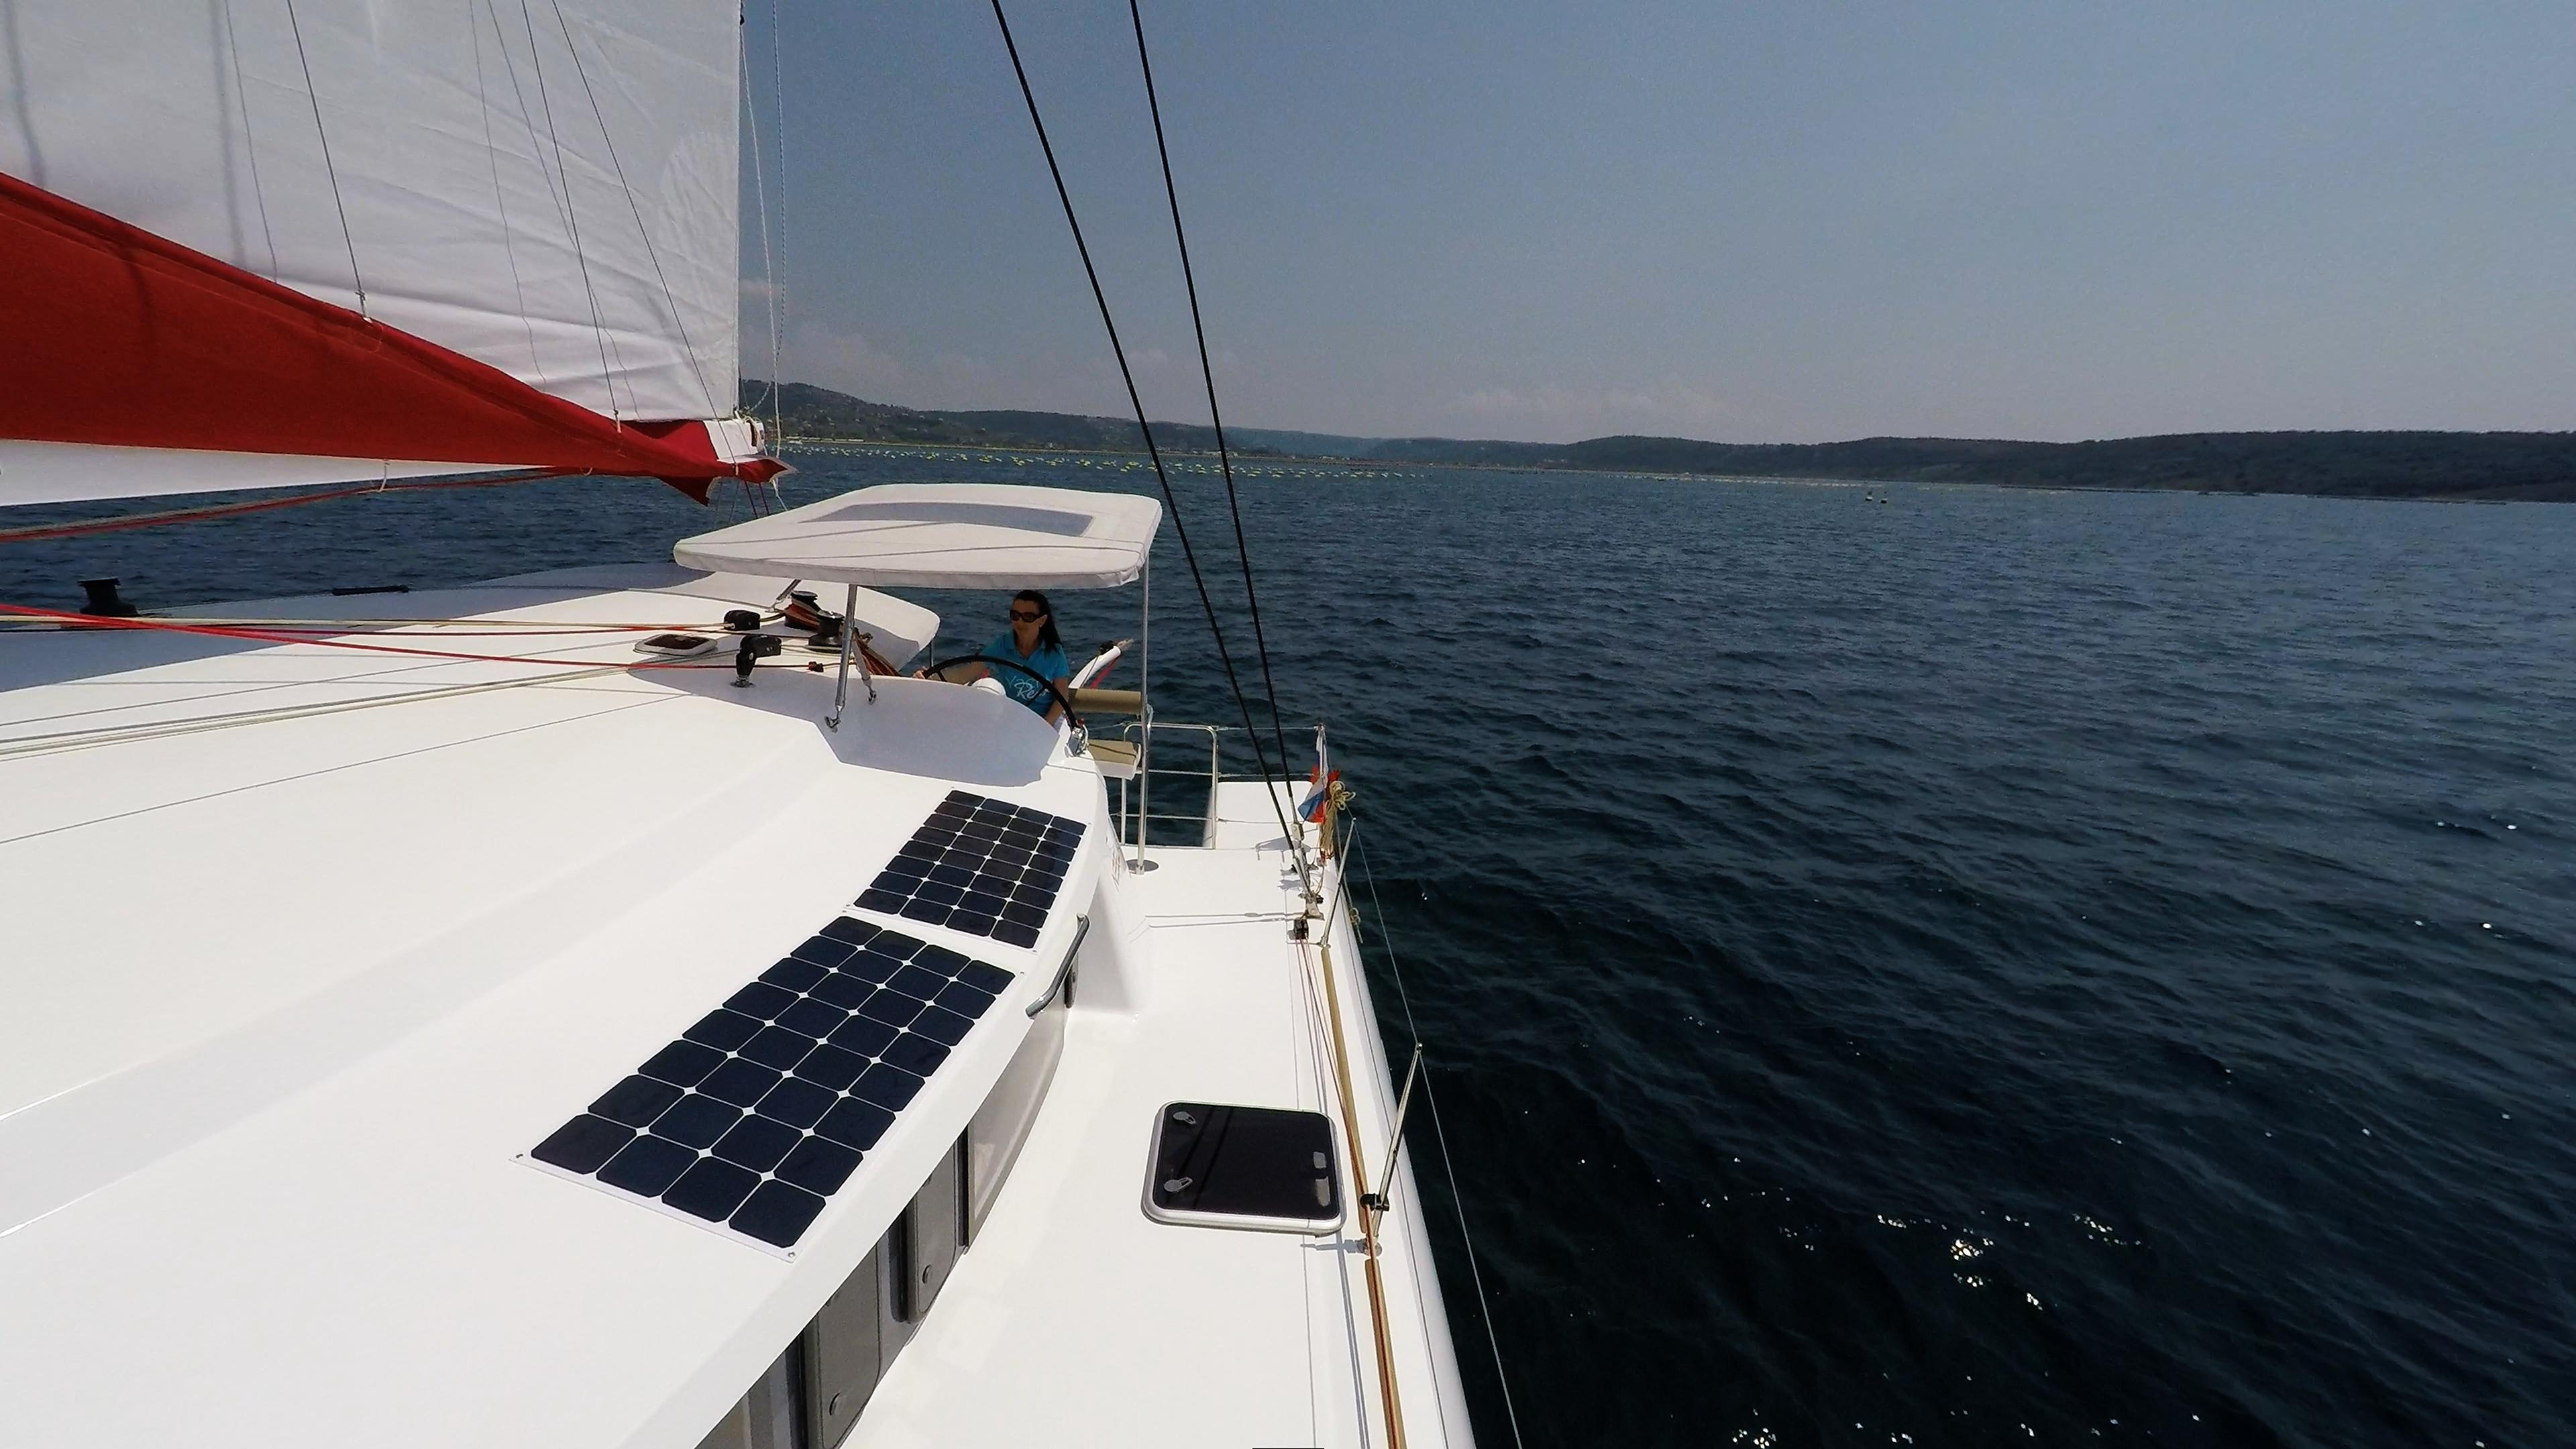 ragazza in skipper cockpit ruota del timone barca a vela trimarano 1